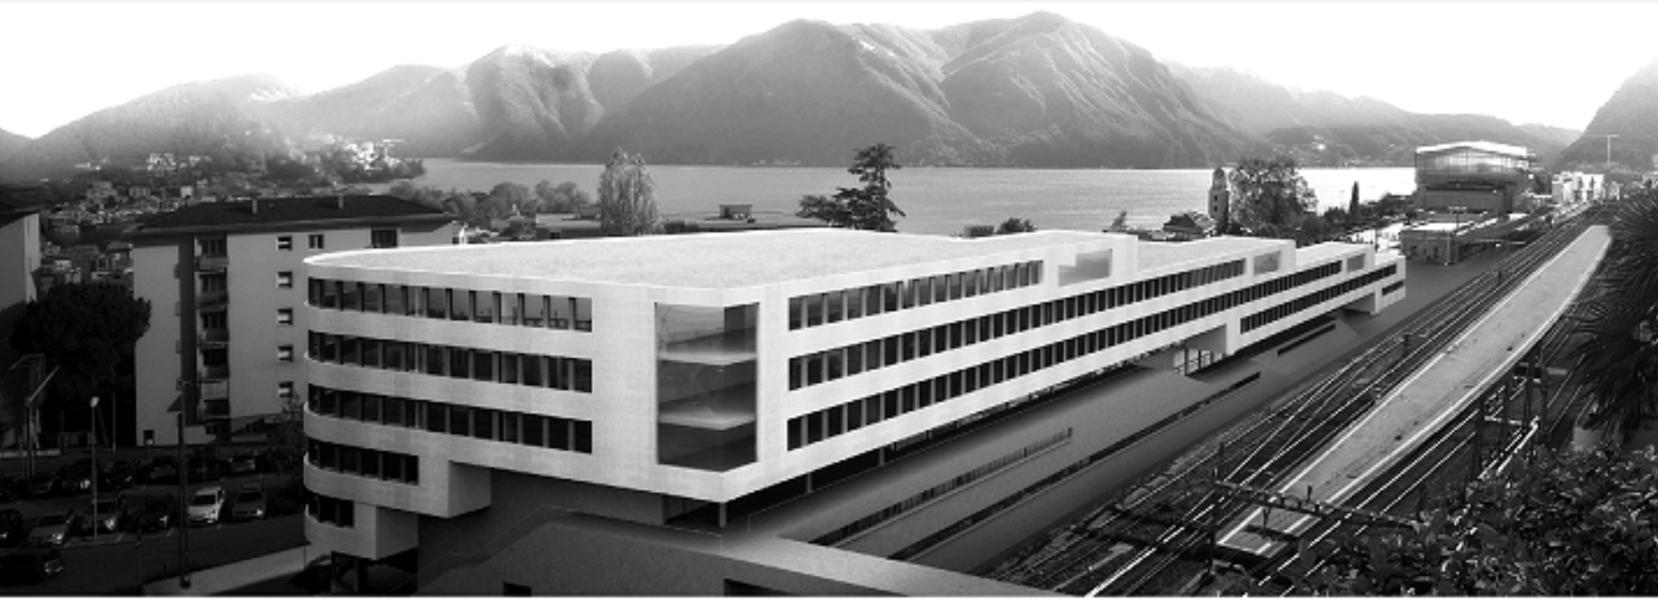 Nuovo Campus Universitario SUPSI Città alta - Stazione FFS di Lugano (Foto: Cruz Ortiz - Giraudi)